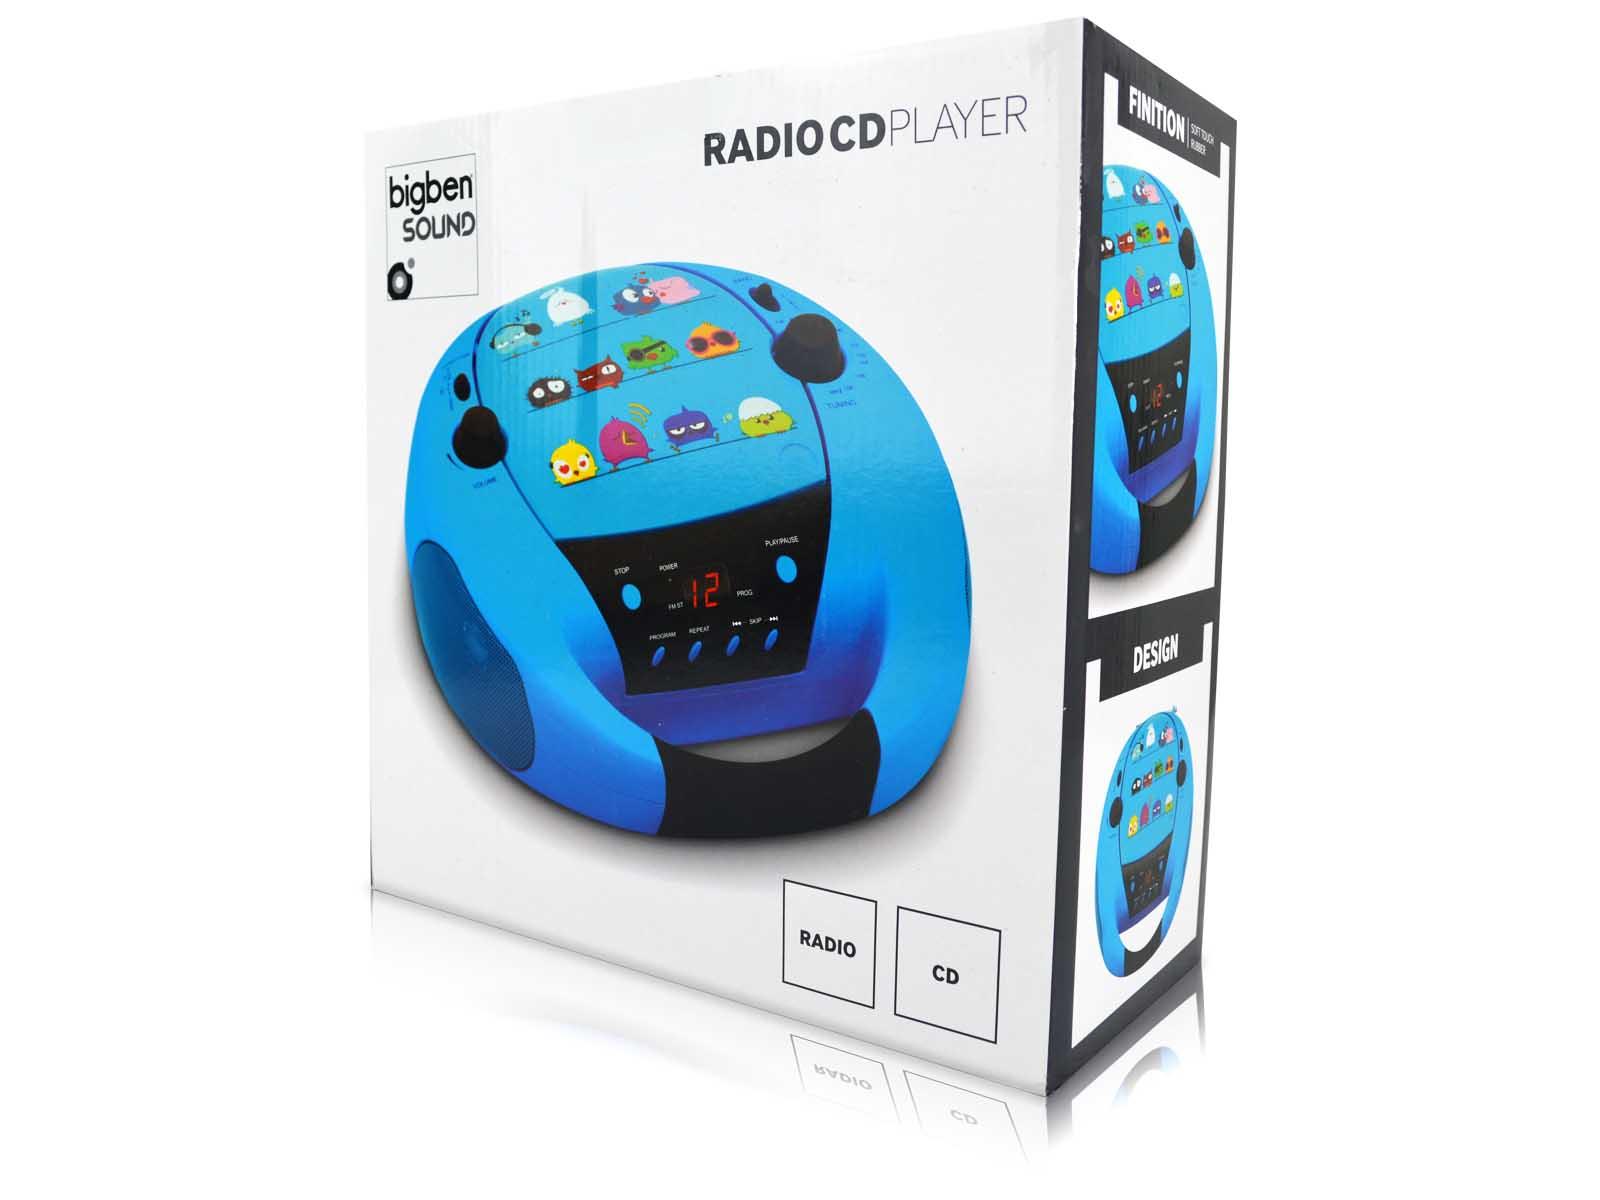 bigben radio cd player tragbar kinder kids v gel birds cd52 neu ovp ebay. Black Bedroom Furniture Sets. Home Design Ideas